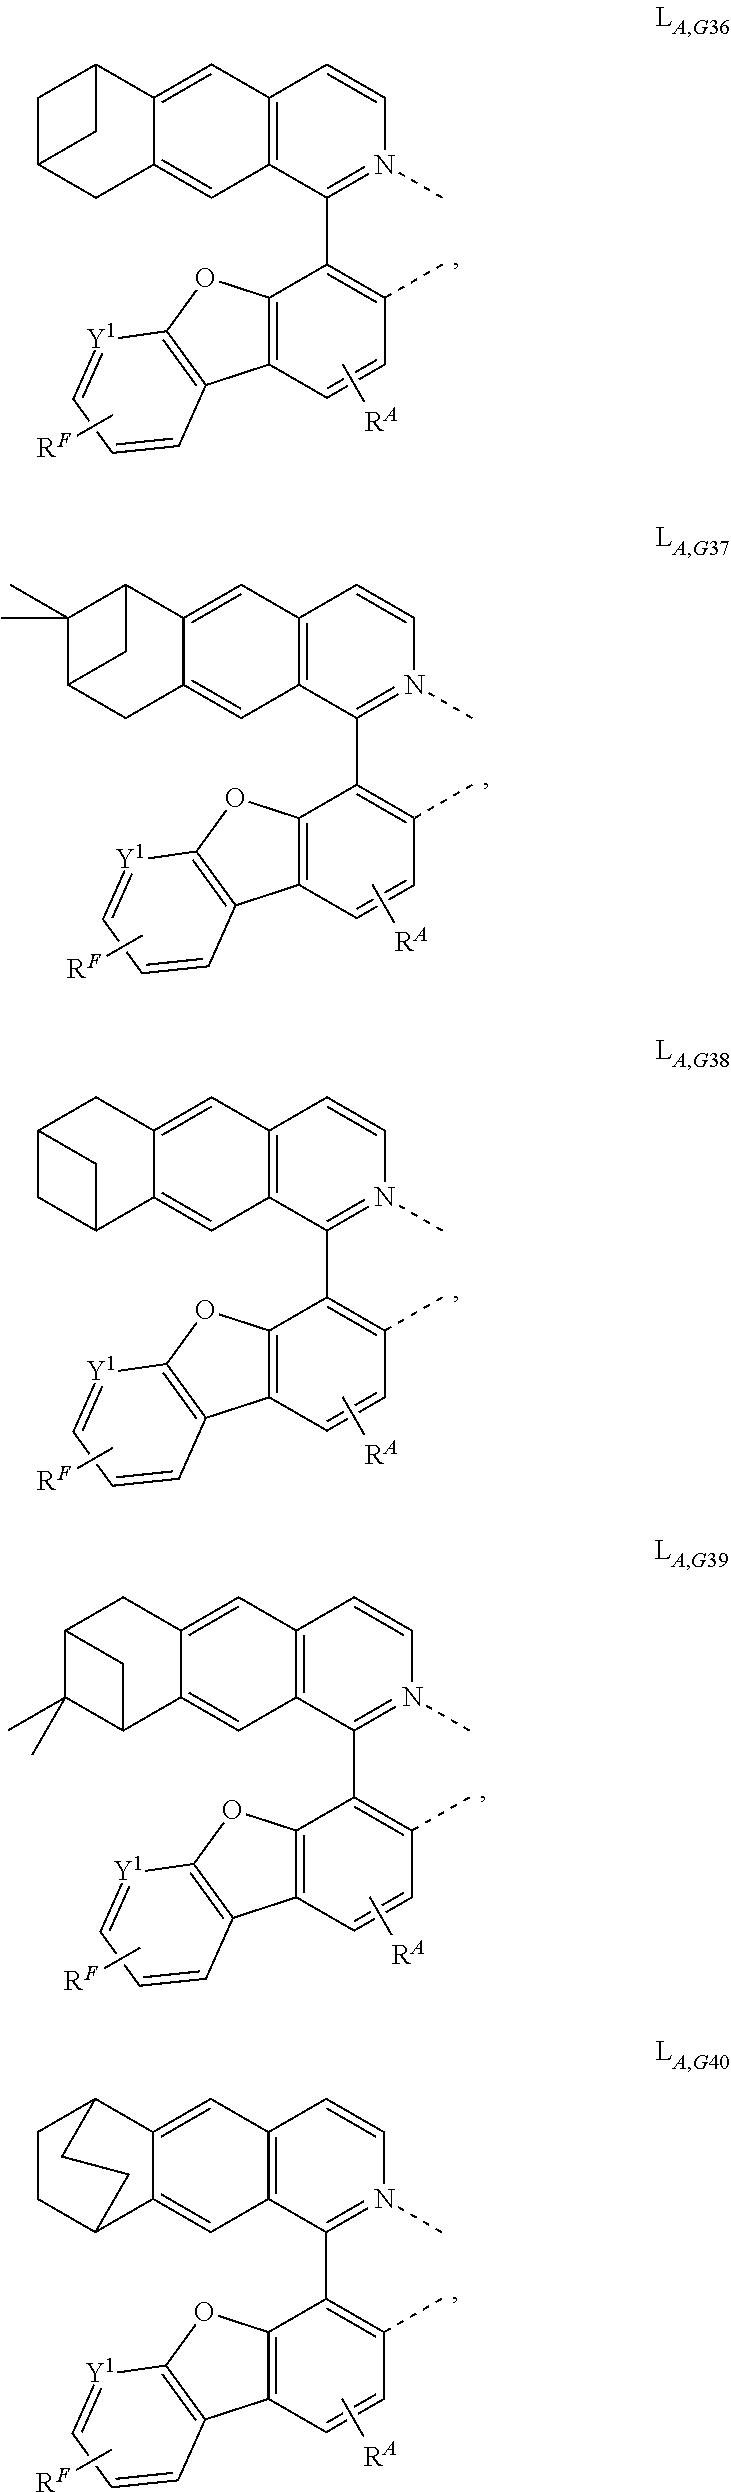 Figure US09691993-20170627-C00029